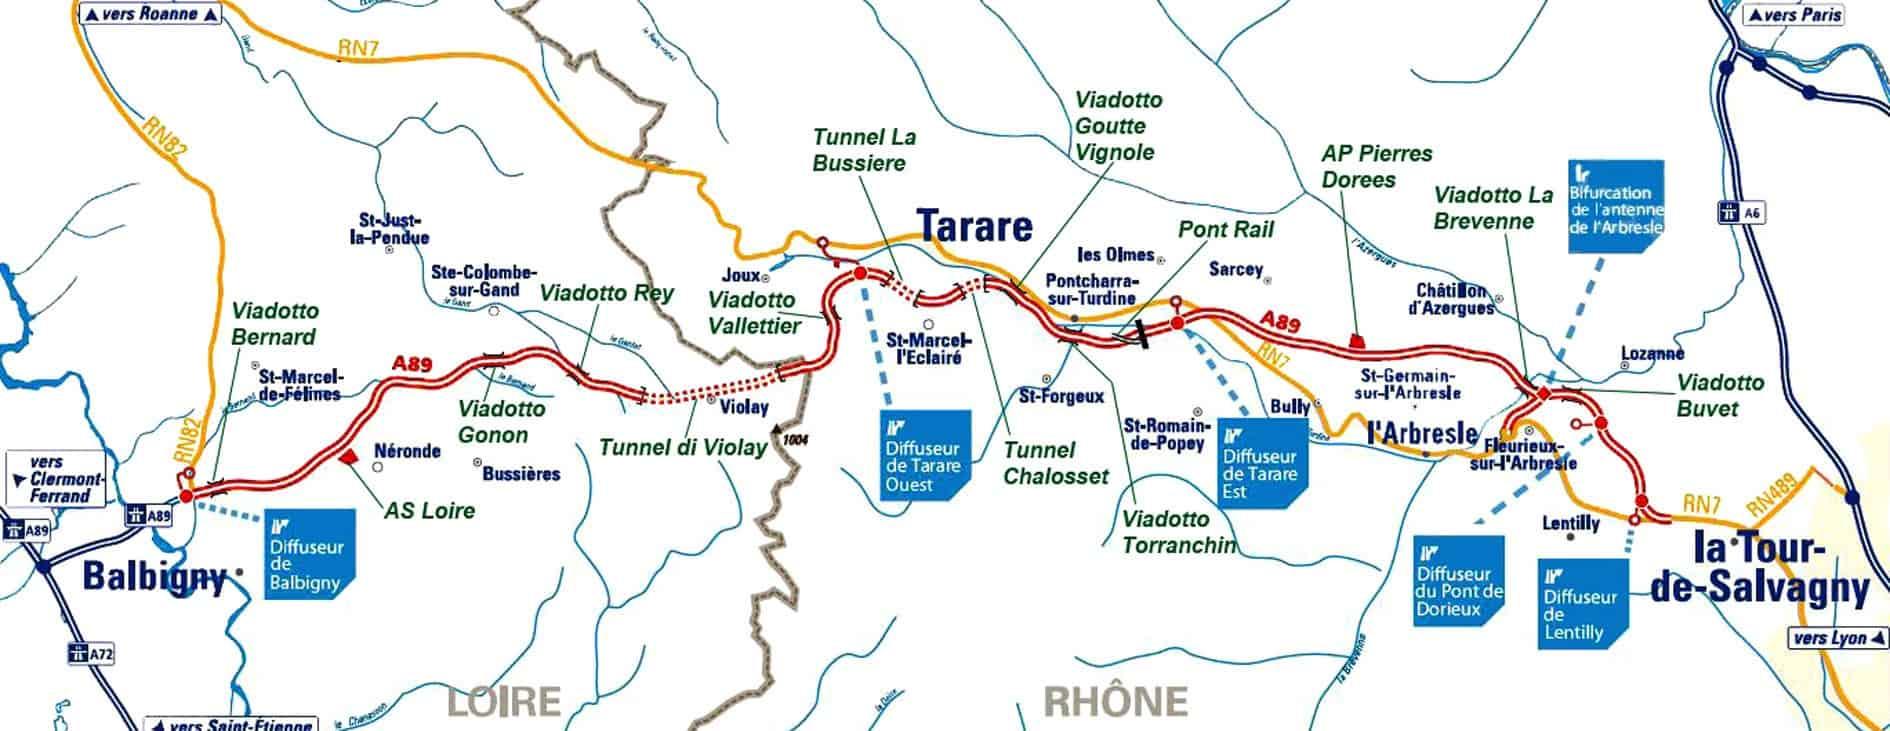 Il tratto recentemente aperto al traffico della A89, che dopo un percorso di 474 km e dopo essersi interconnessa con le Autostrade A20, A71, A710w, A711 e A72, attualmente si attesta a una decina di chilometri dalla A6